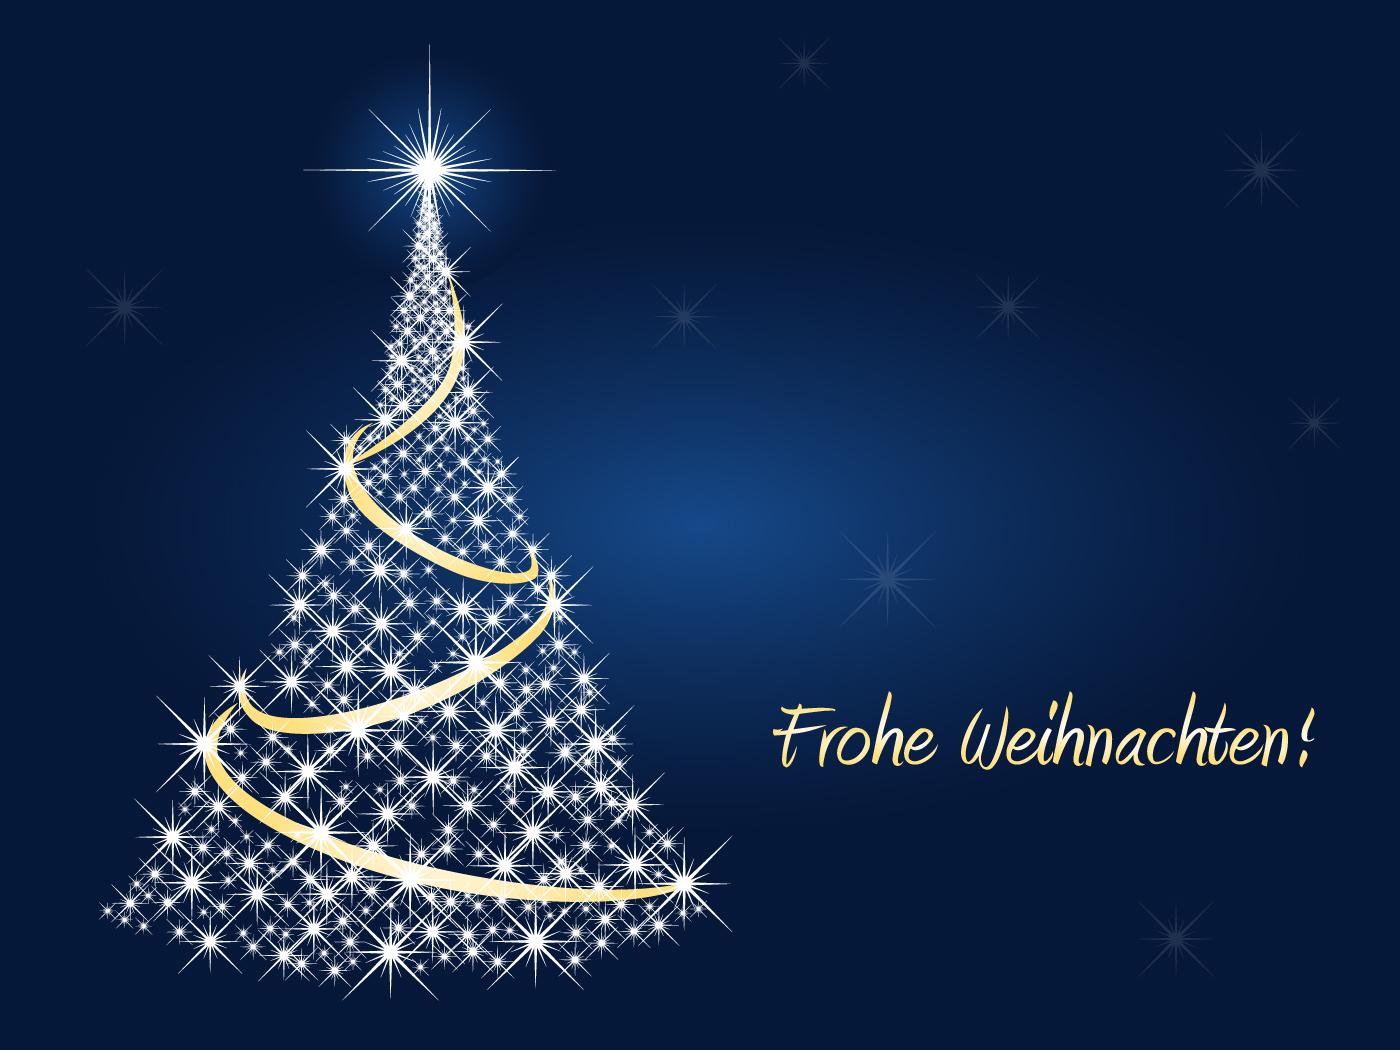 Kostenlose Bilder Frohe Weihnachten.Frohe Weihnachten Hintergrundbilder Kostenlos Weihnachten